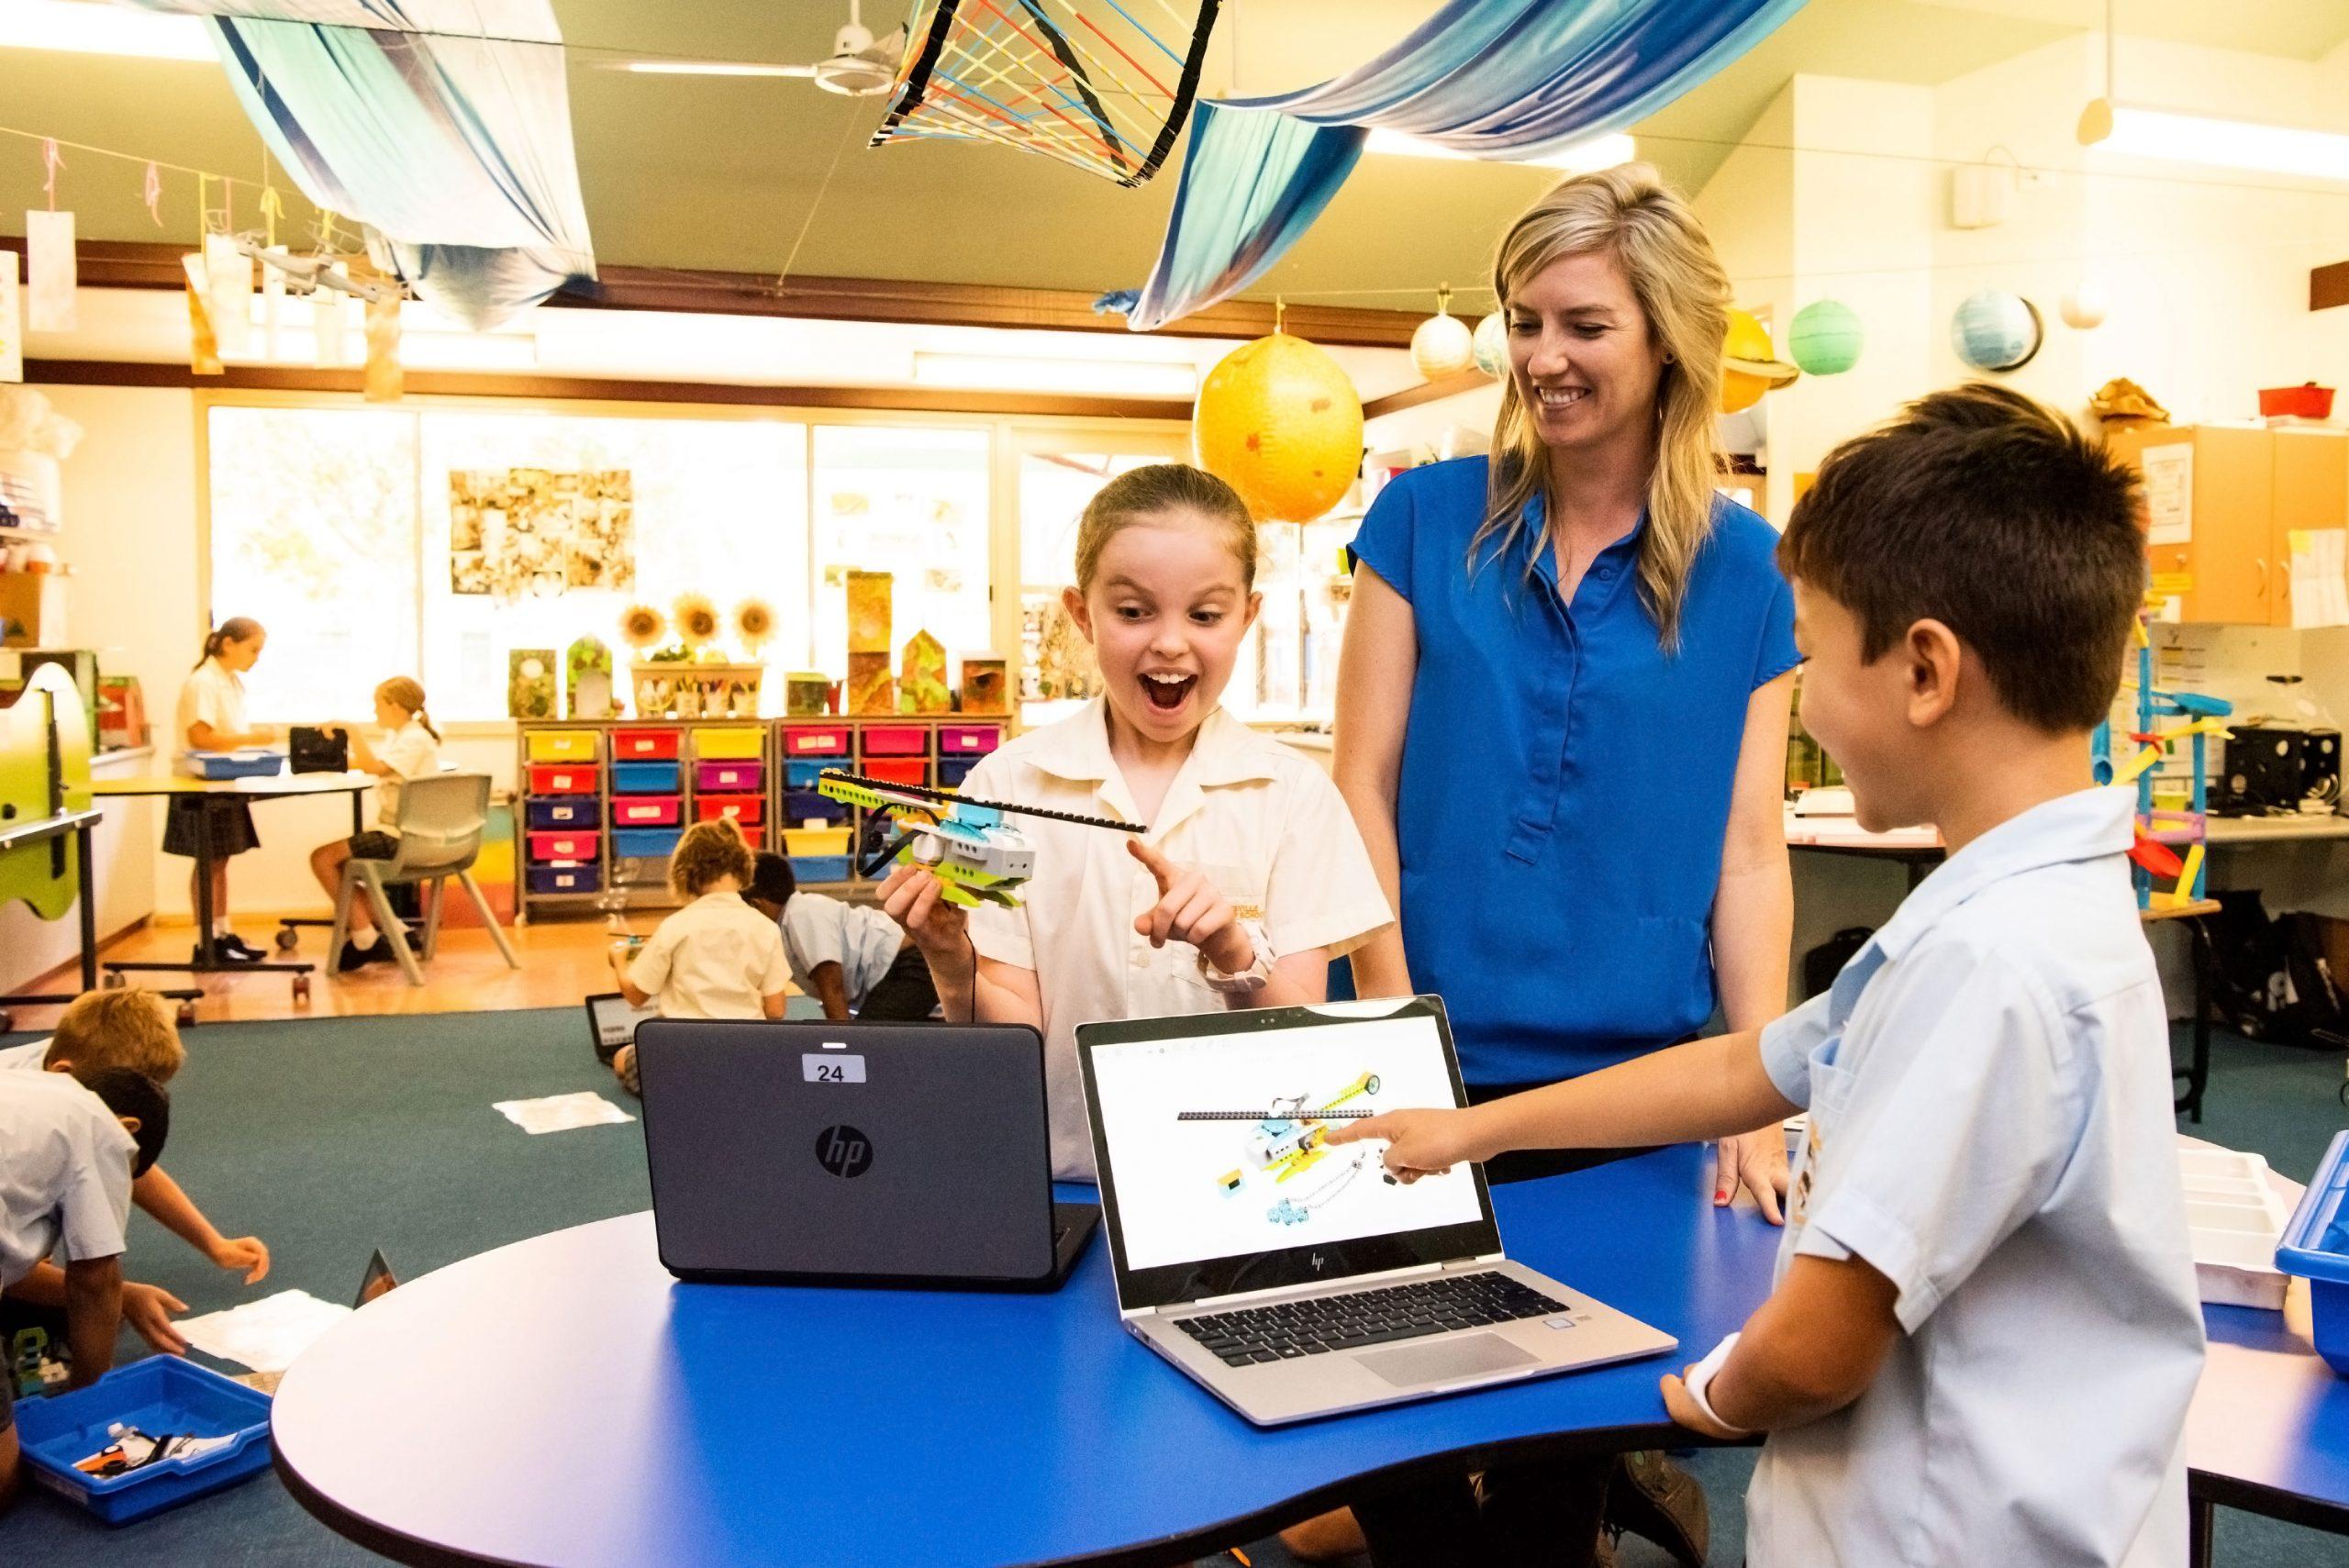 Townsville Grammar School – Annandale Campus (Pre-Prep to Year 6)